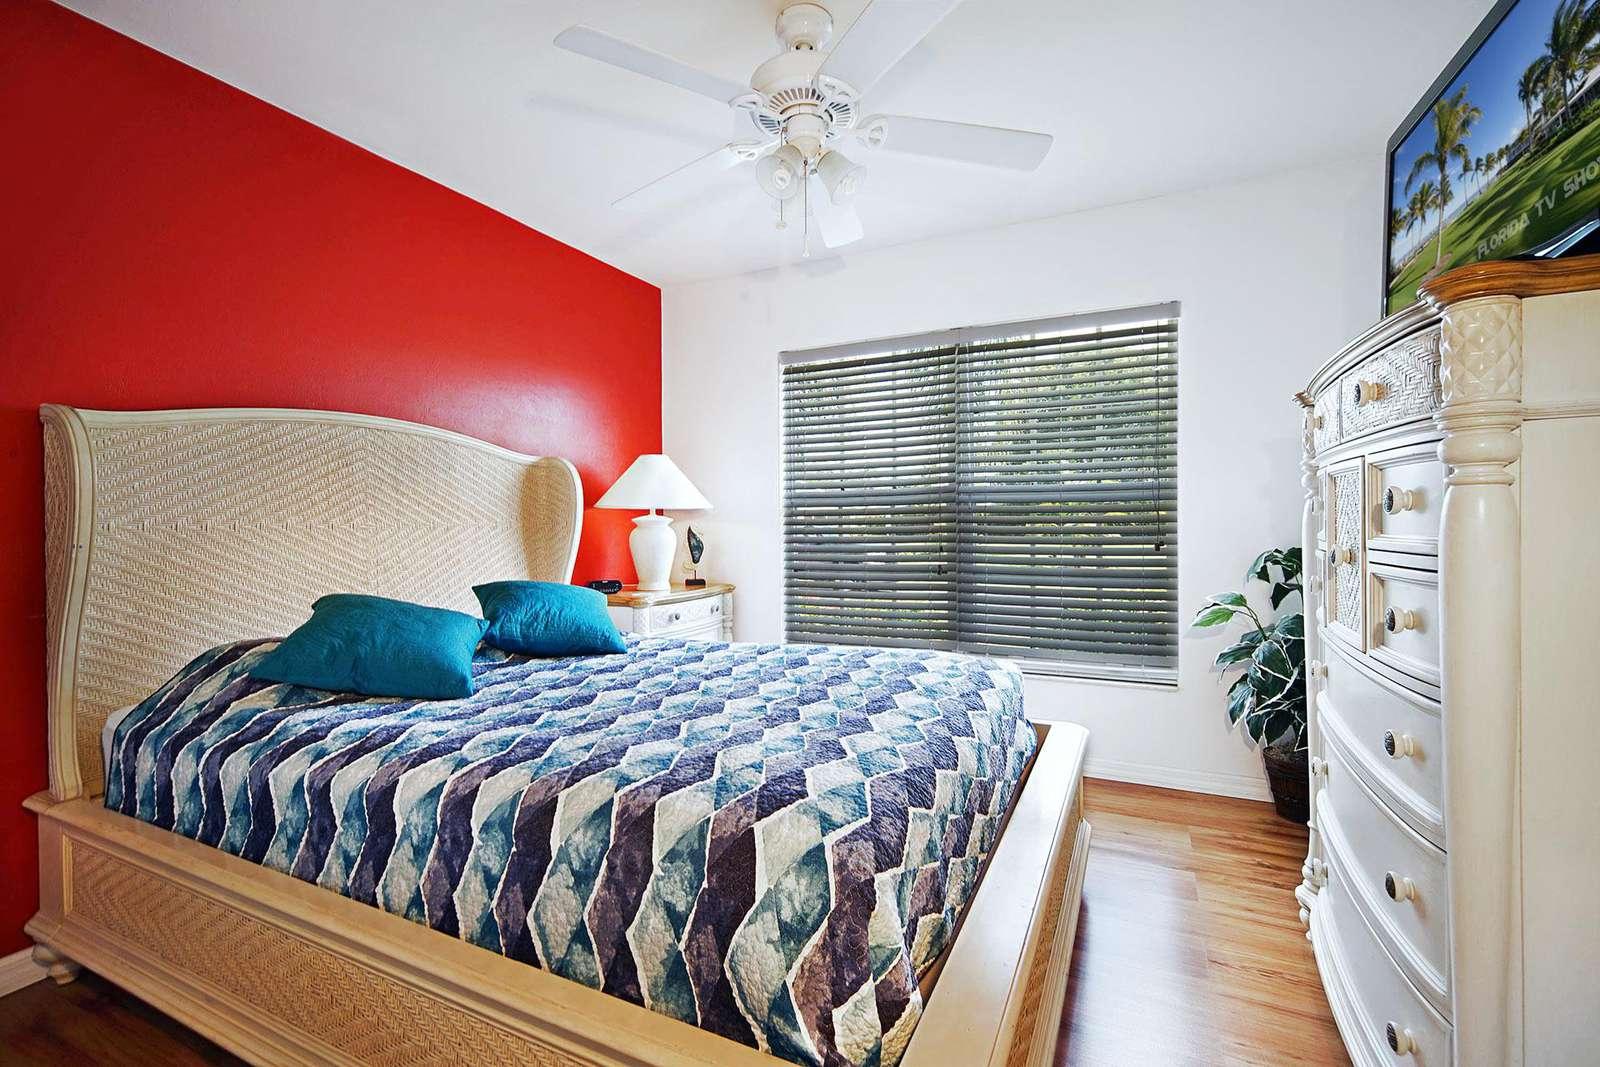 Wischis Florida Home - Ferienhaus Fort Myers - Hausverwaltung - Immobilien - Ferien Villa